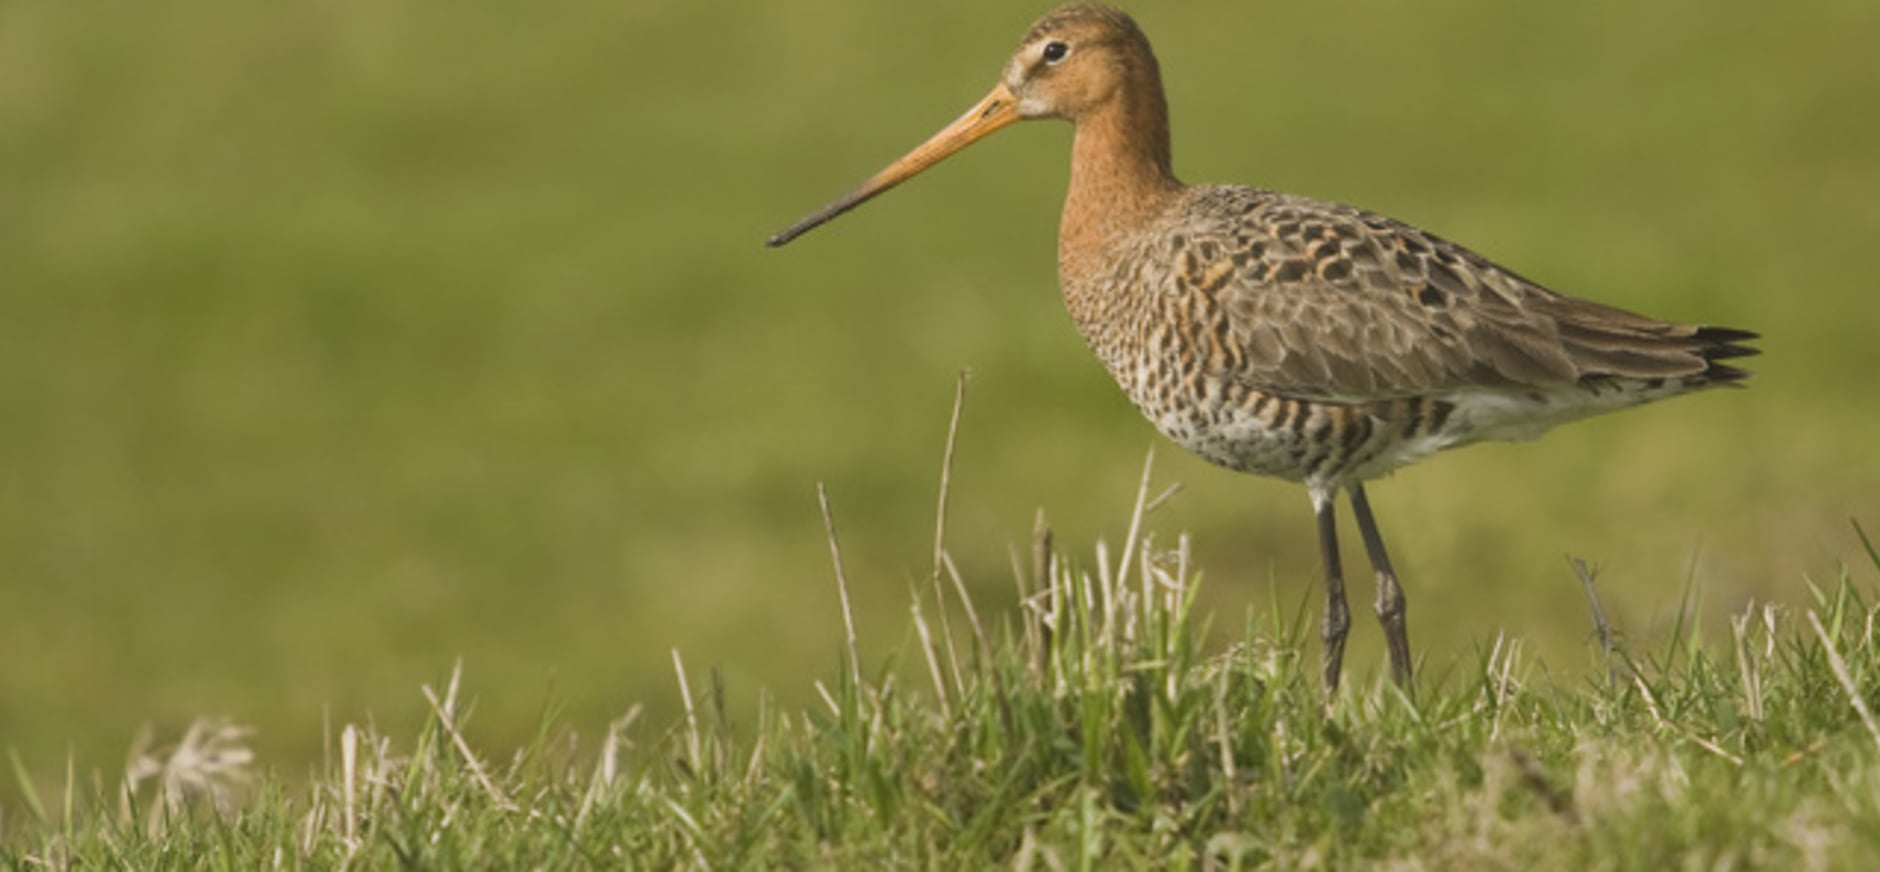 Nieuwe natuur voor weidevogels in Midden-Delfland